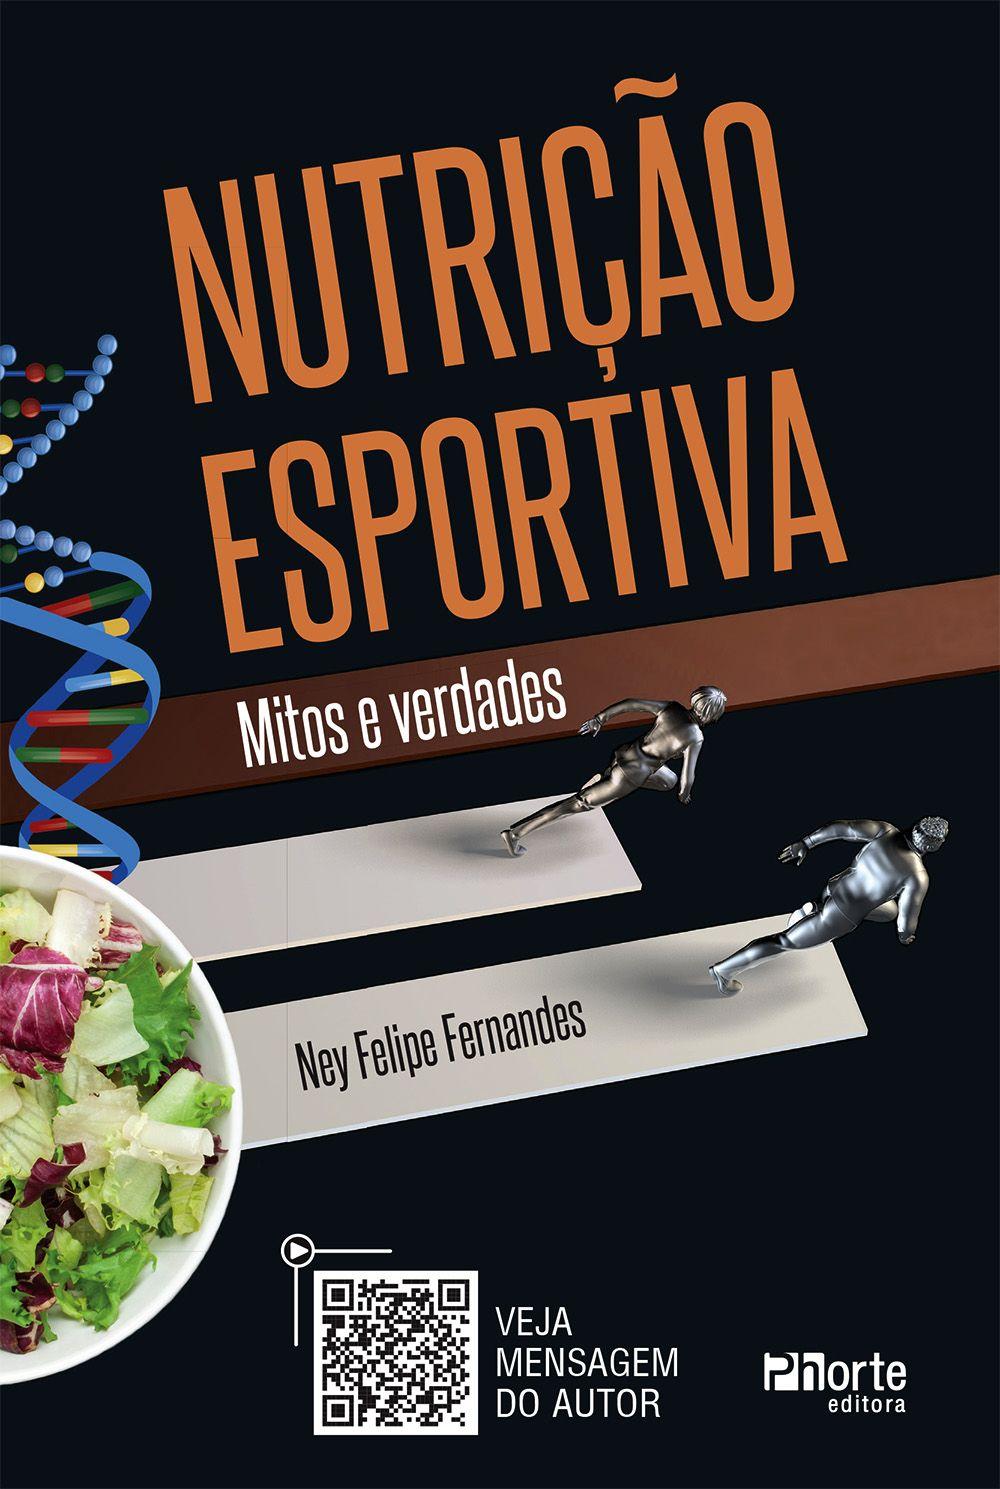 Nutrição Esportiva: Mitos e Verdades   - Phorte Editora